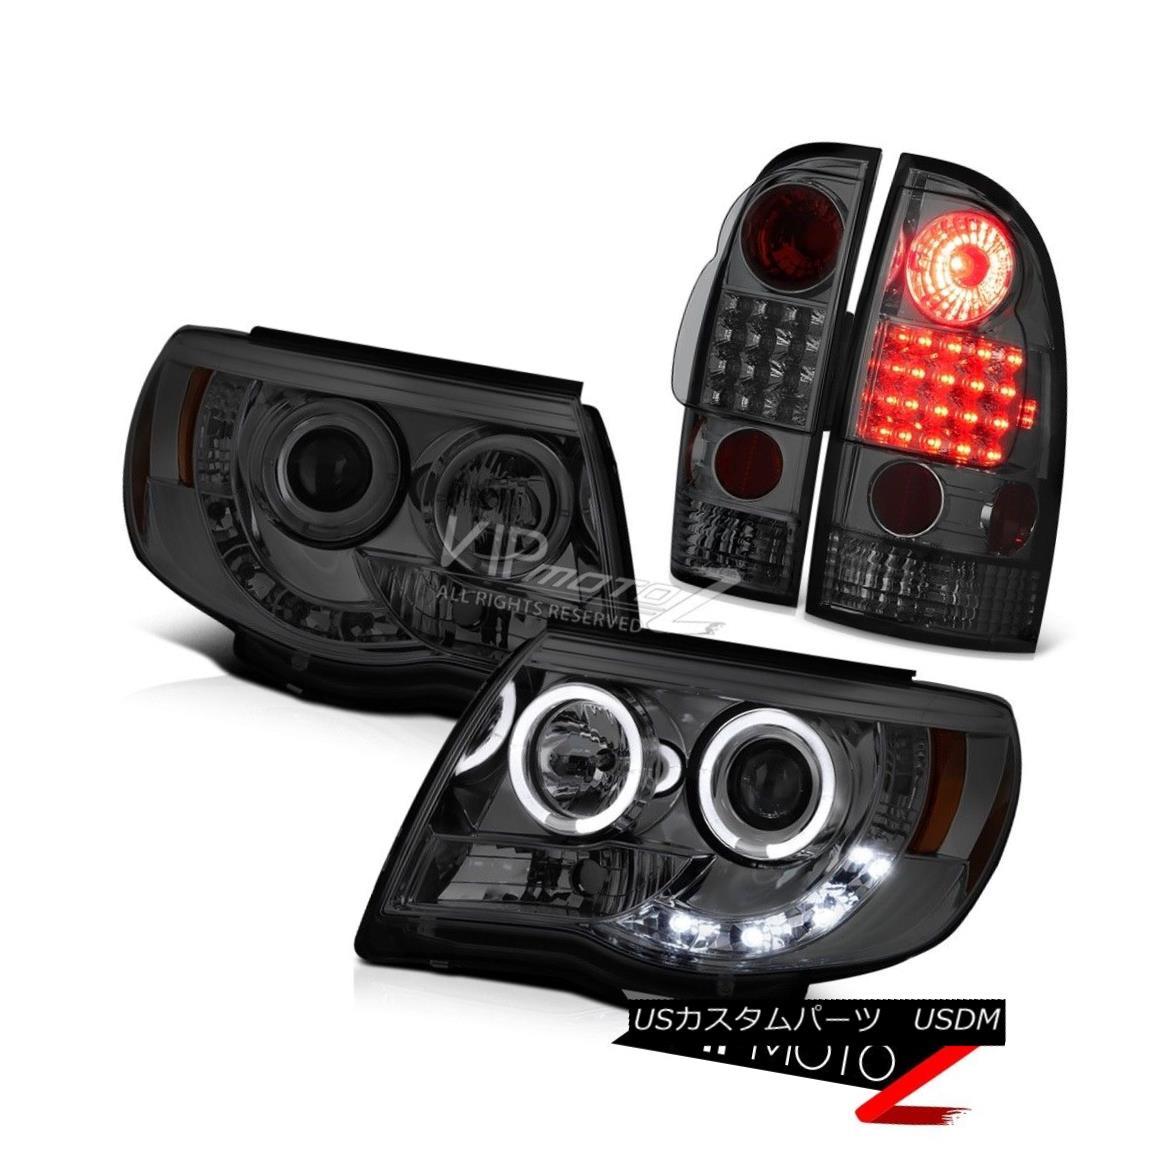 テールライト 2005-2011 Toyota Tacoma Smoke Halo Rim LED Headlights Smoke SMD Brake Tail Light 2005-2011トヨタタコマスモークハローリムLEDヘッドライトスモークSMDブレーキテールライト